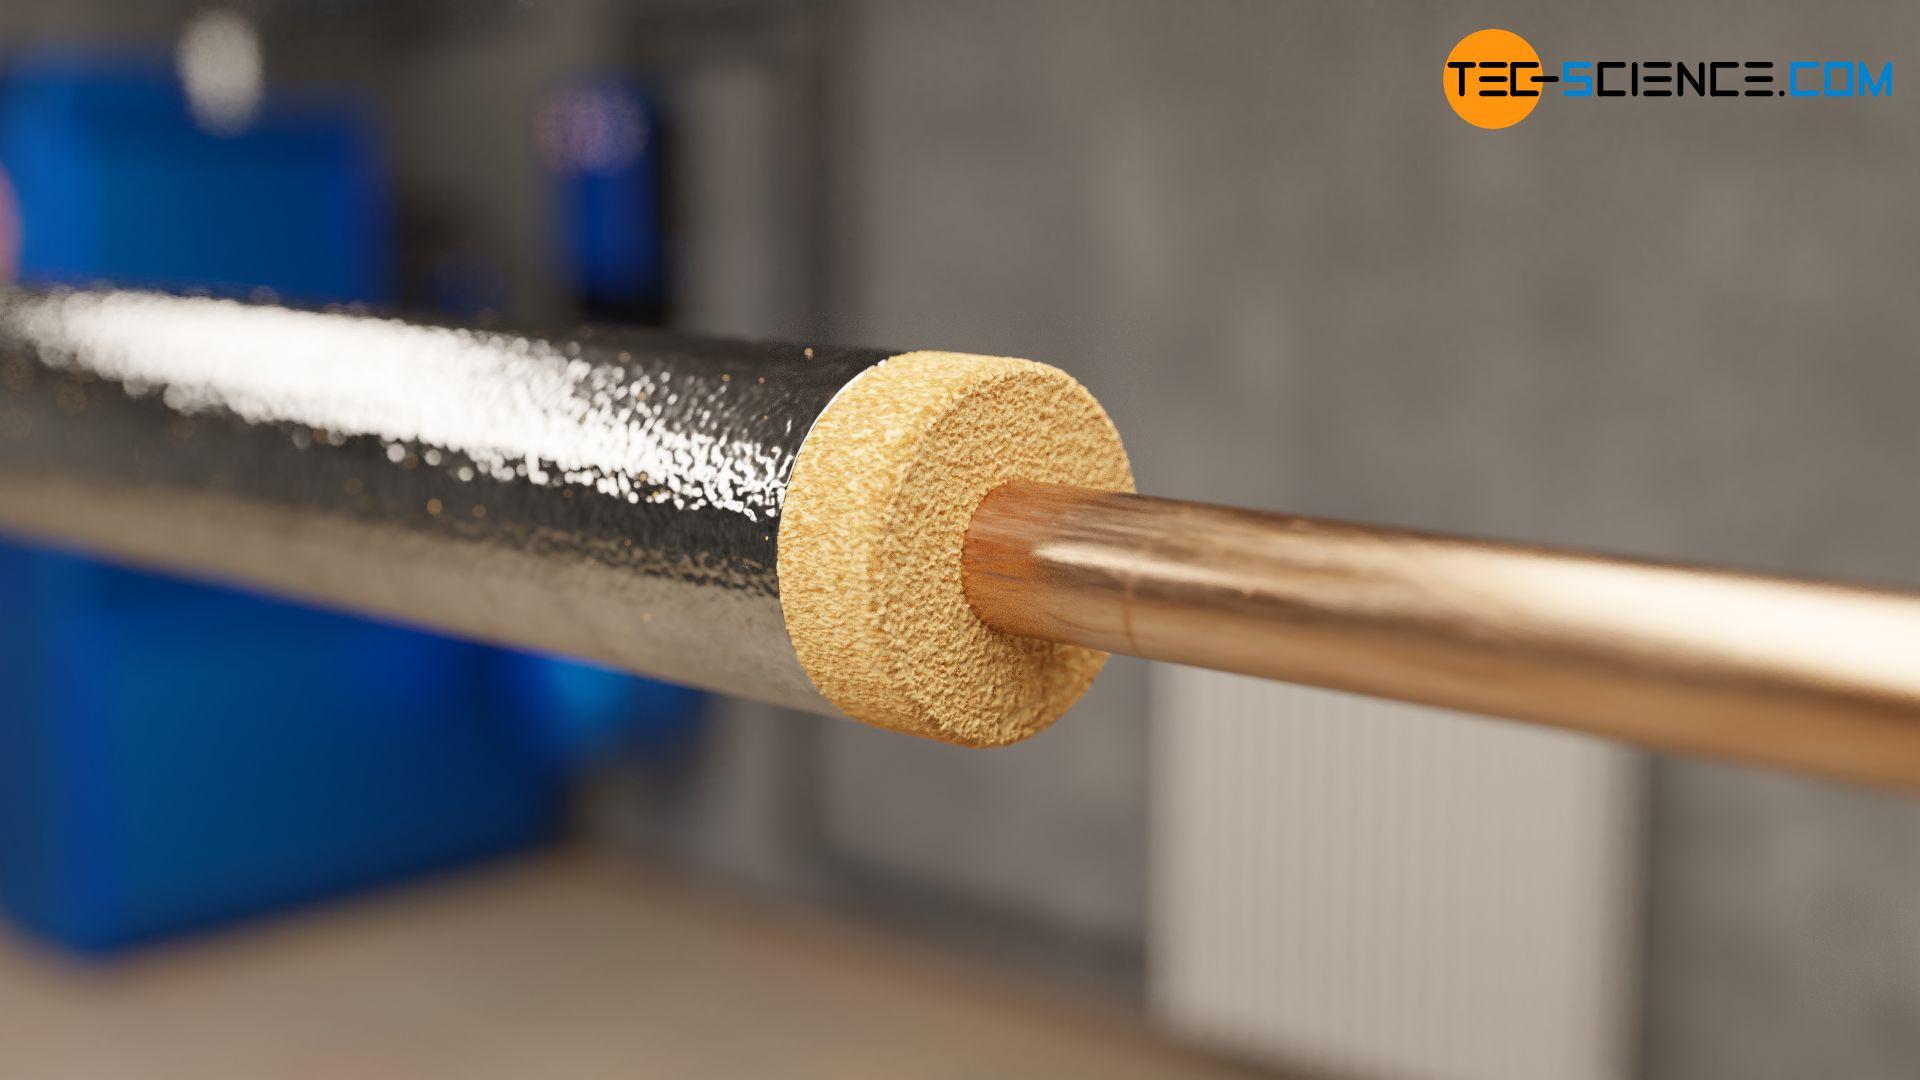 Wärmedämmung einer Warmwasserleitung mit reflektierender Folie